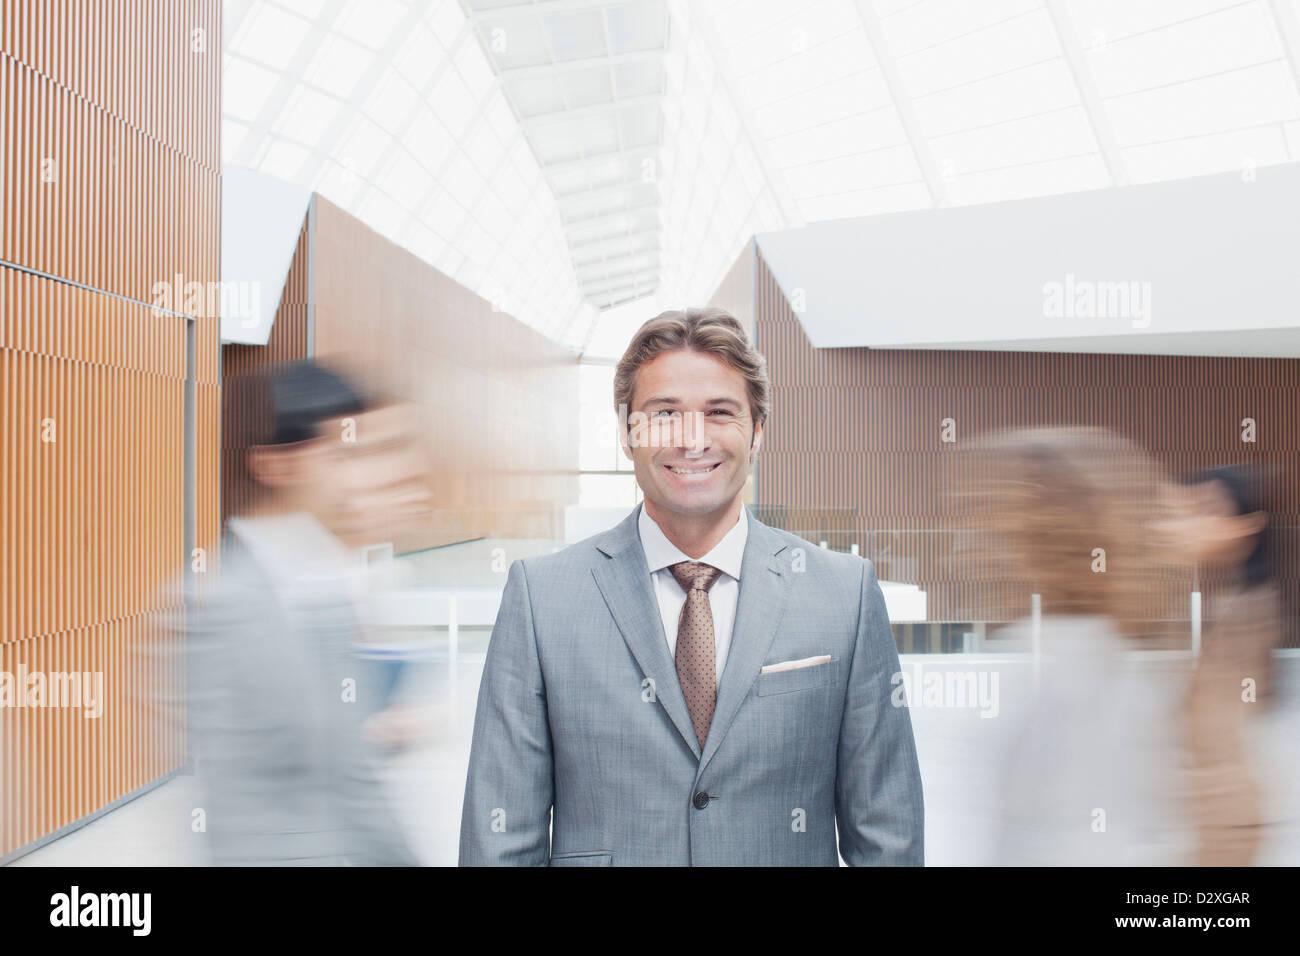 Porträt von zuversichtlich Geschäftsmann mit Kollegen in Lobby durch Rauschen Stockfoto